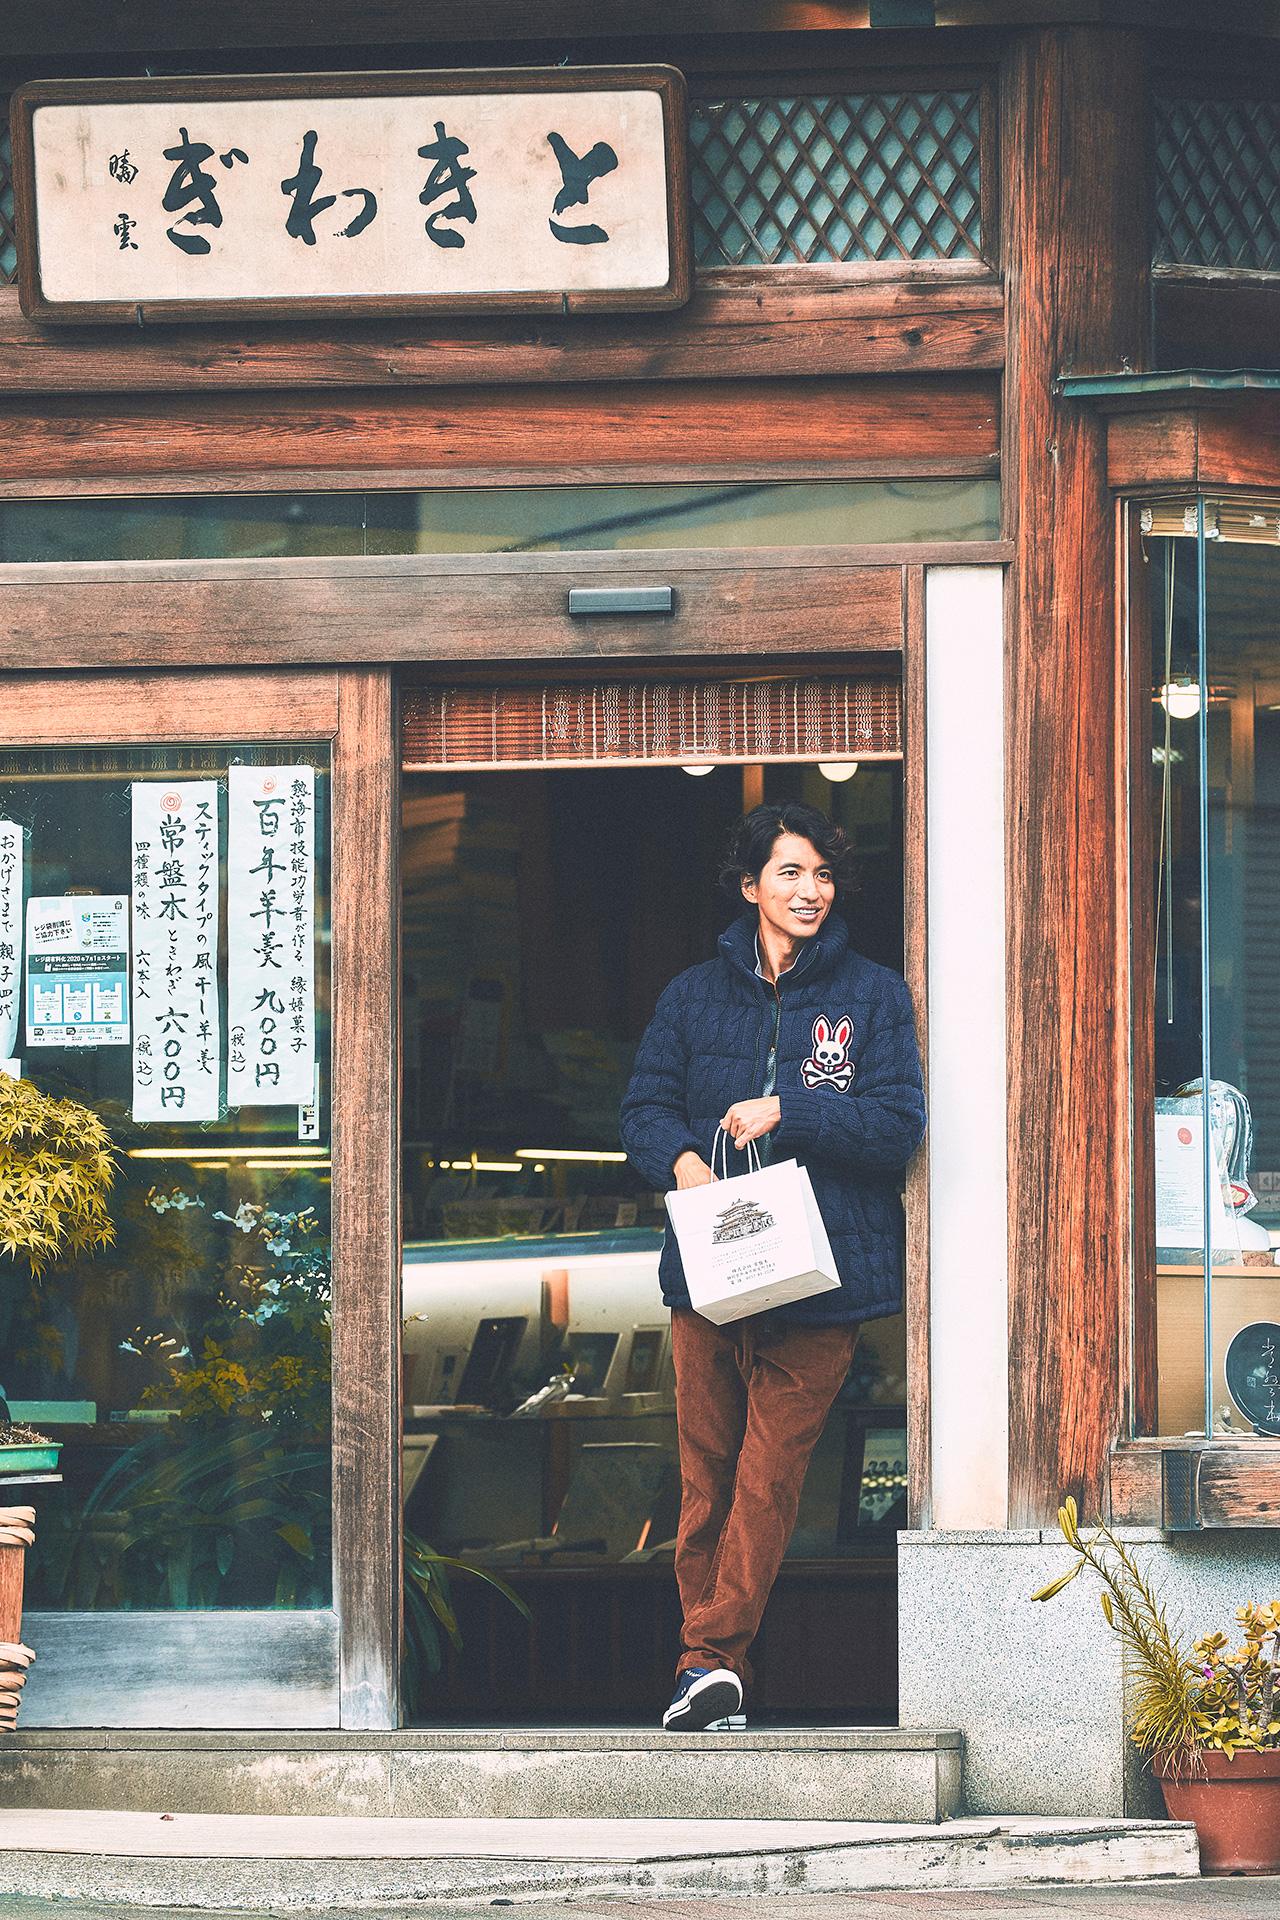 老舗の和菓子屋